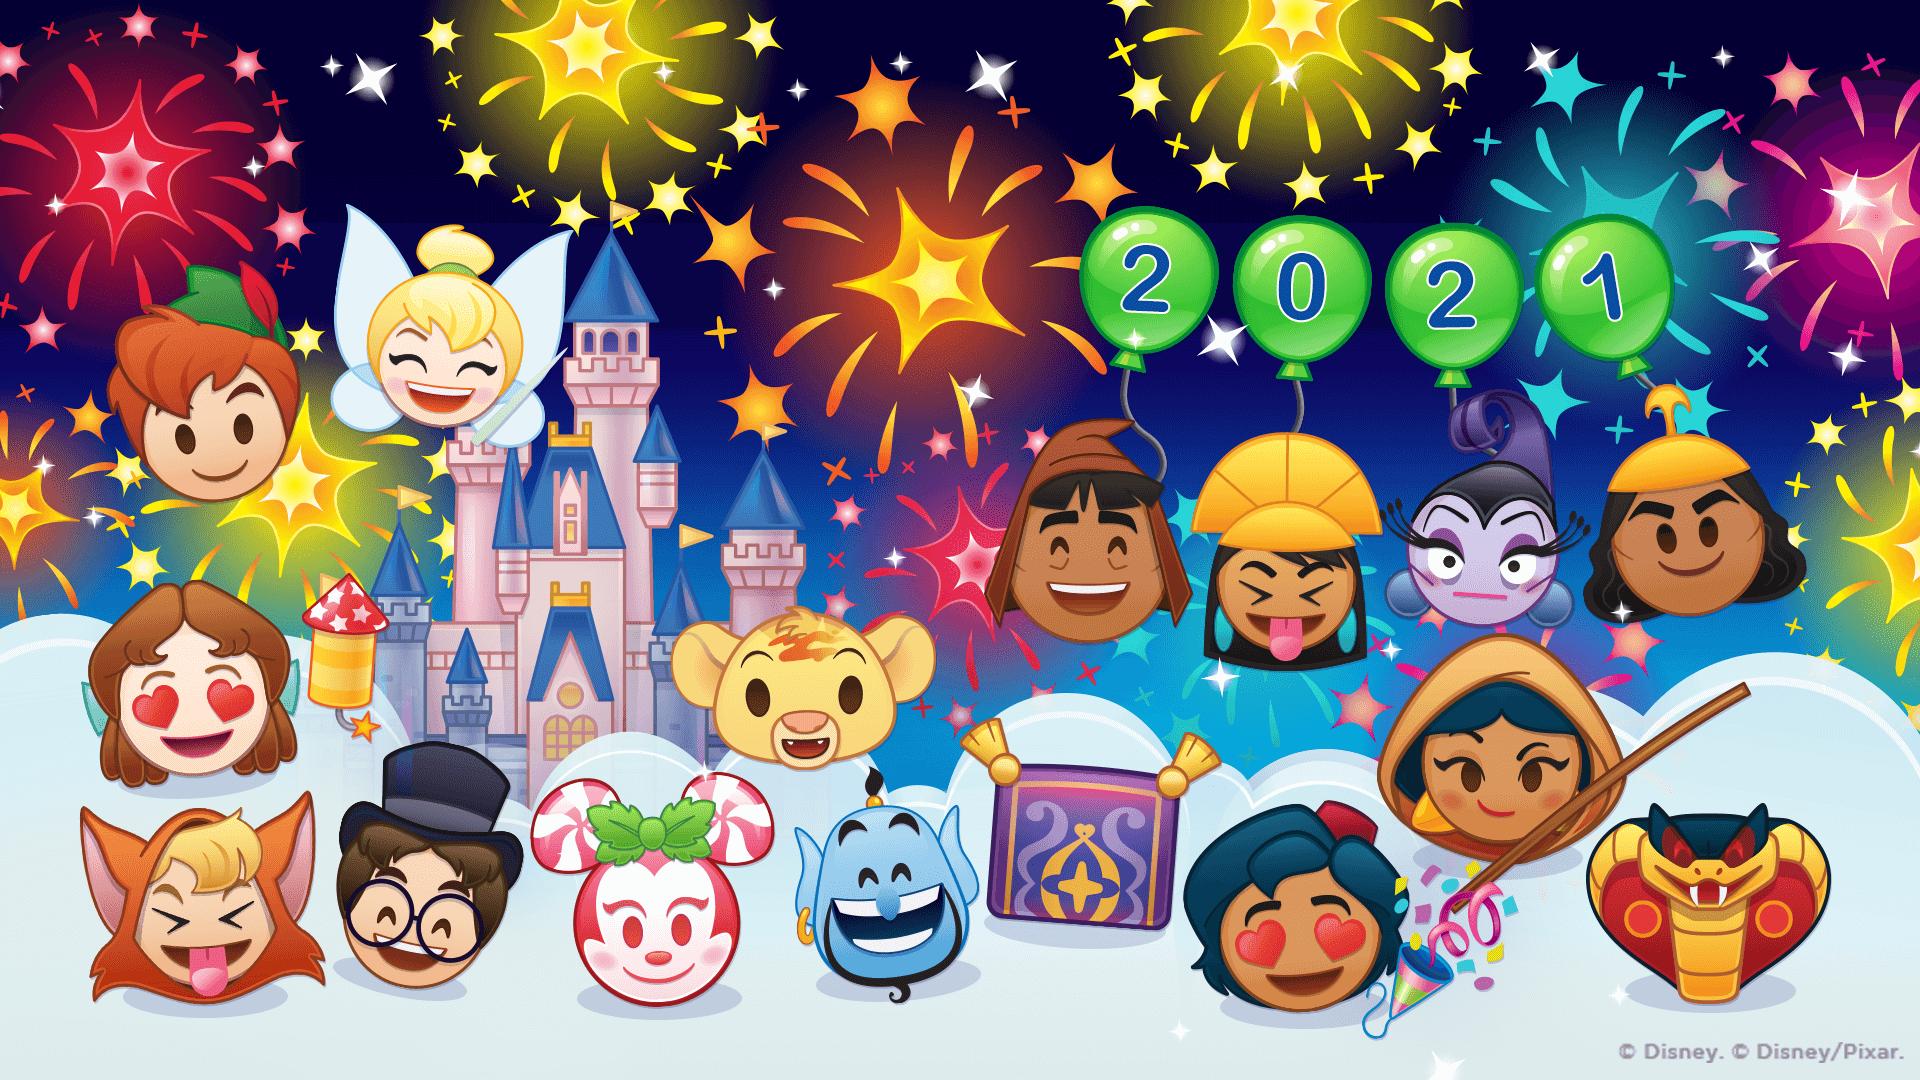 Disney Emoji Blitz January 2021 Update